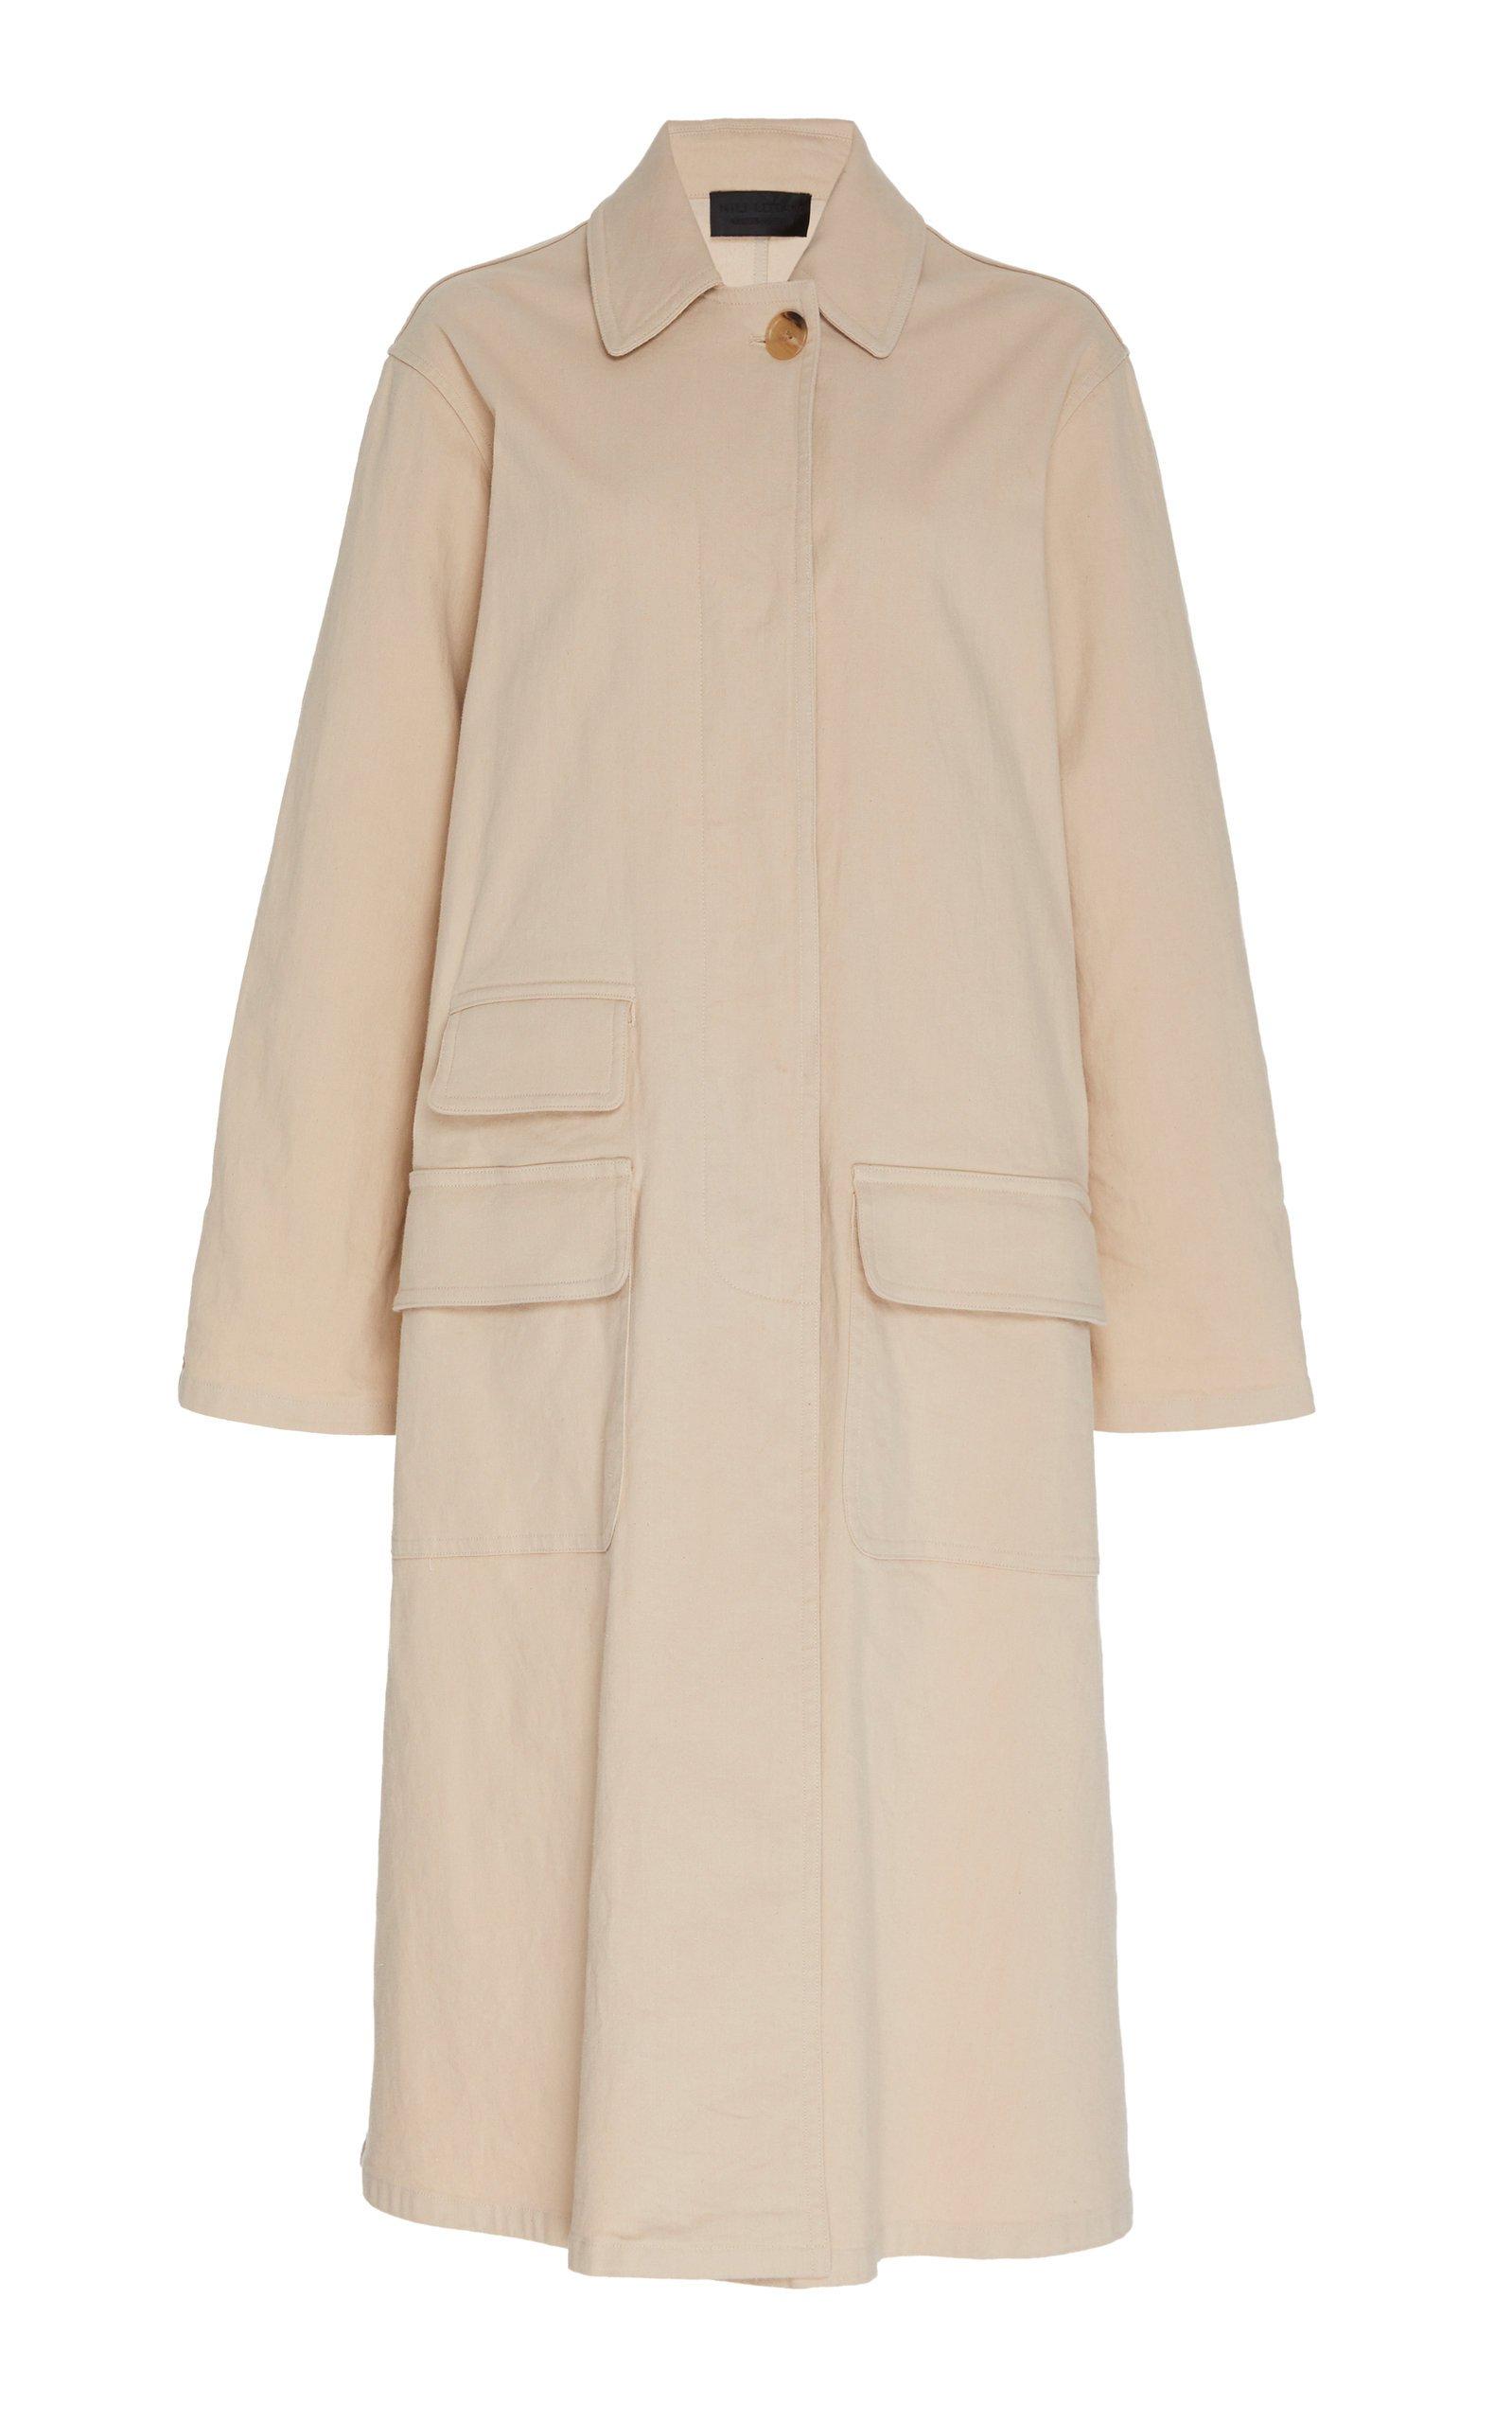 NILI LOTAN Samuel Cotton-Blend Duster Coat Size: L